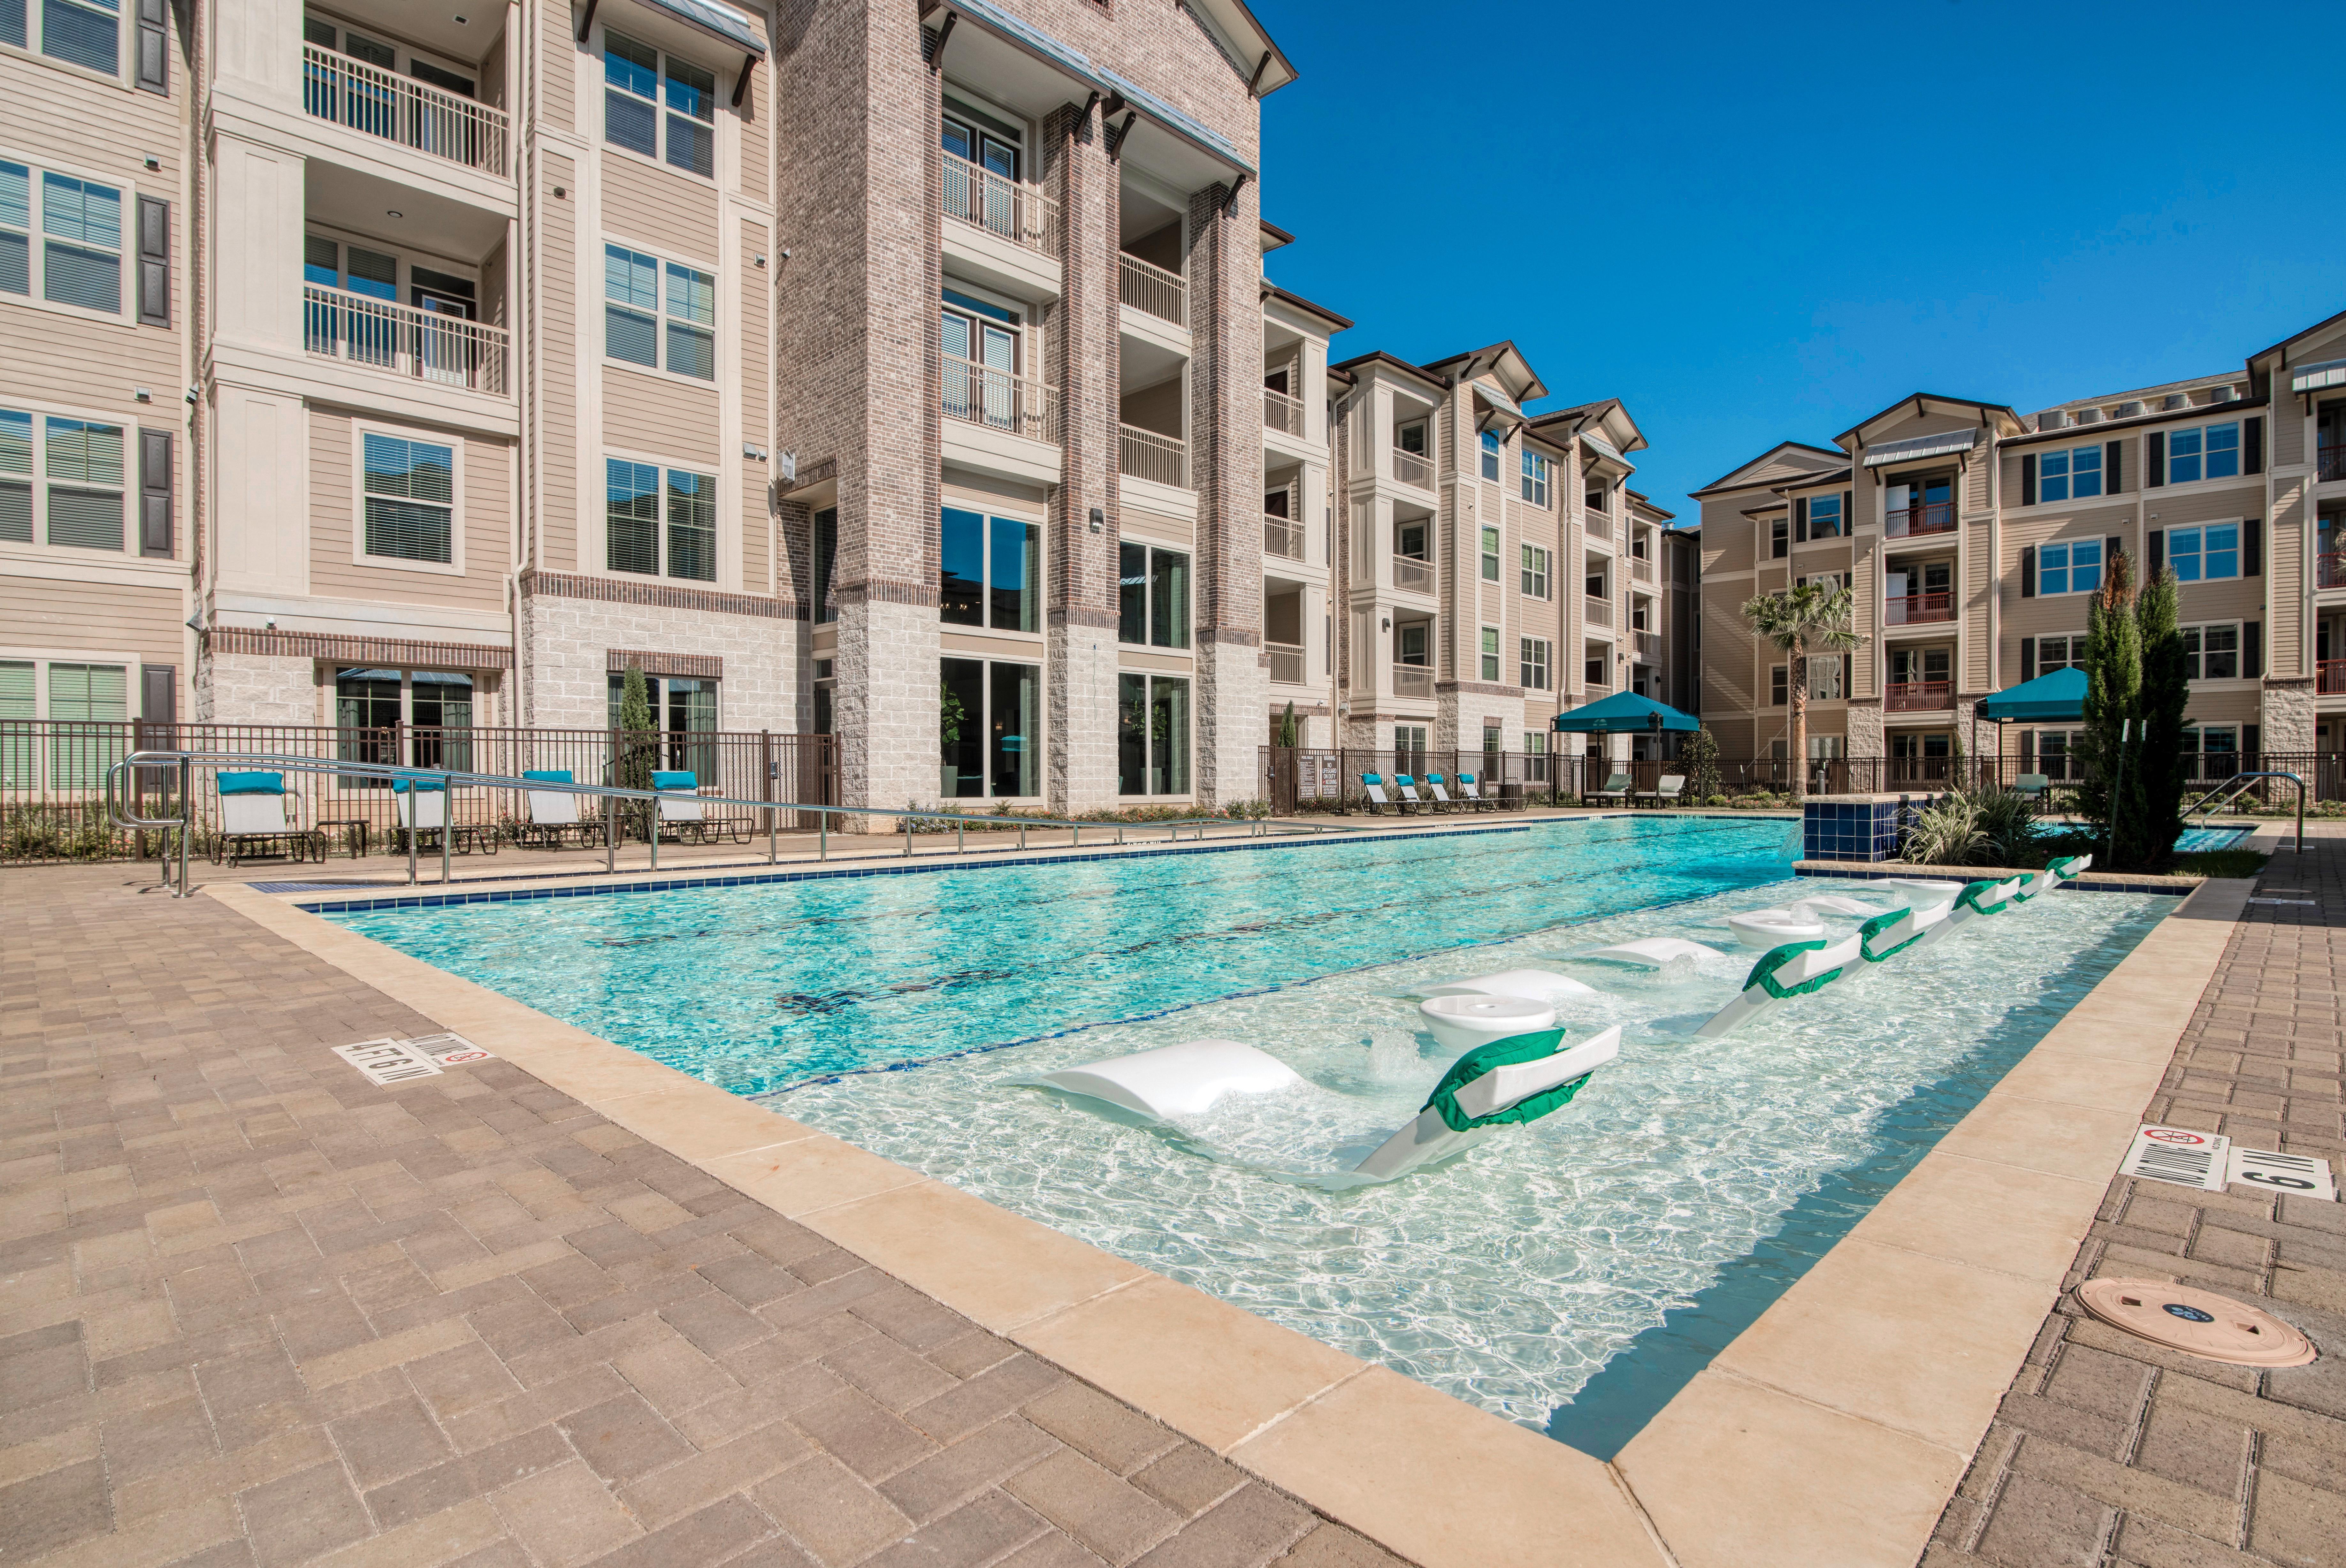 Apartments Near Strayer University-Northwest Houston Augusta Woods: 55+ ADULT COMMUNITY for Strayer University-Northwest Houston Students in Houston, TX